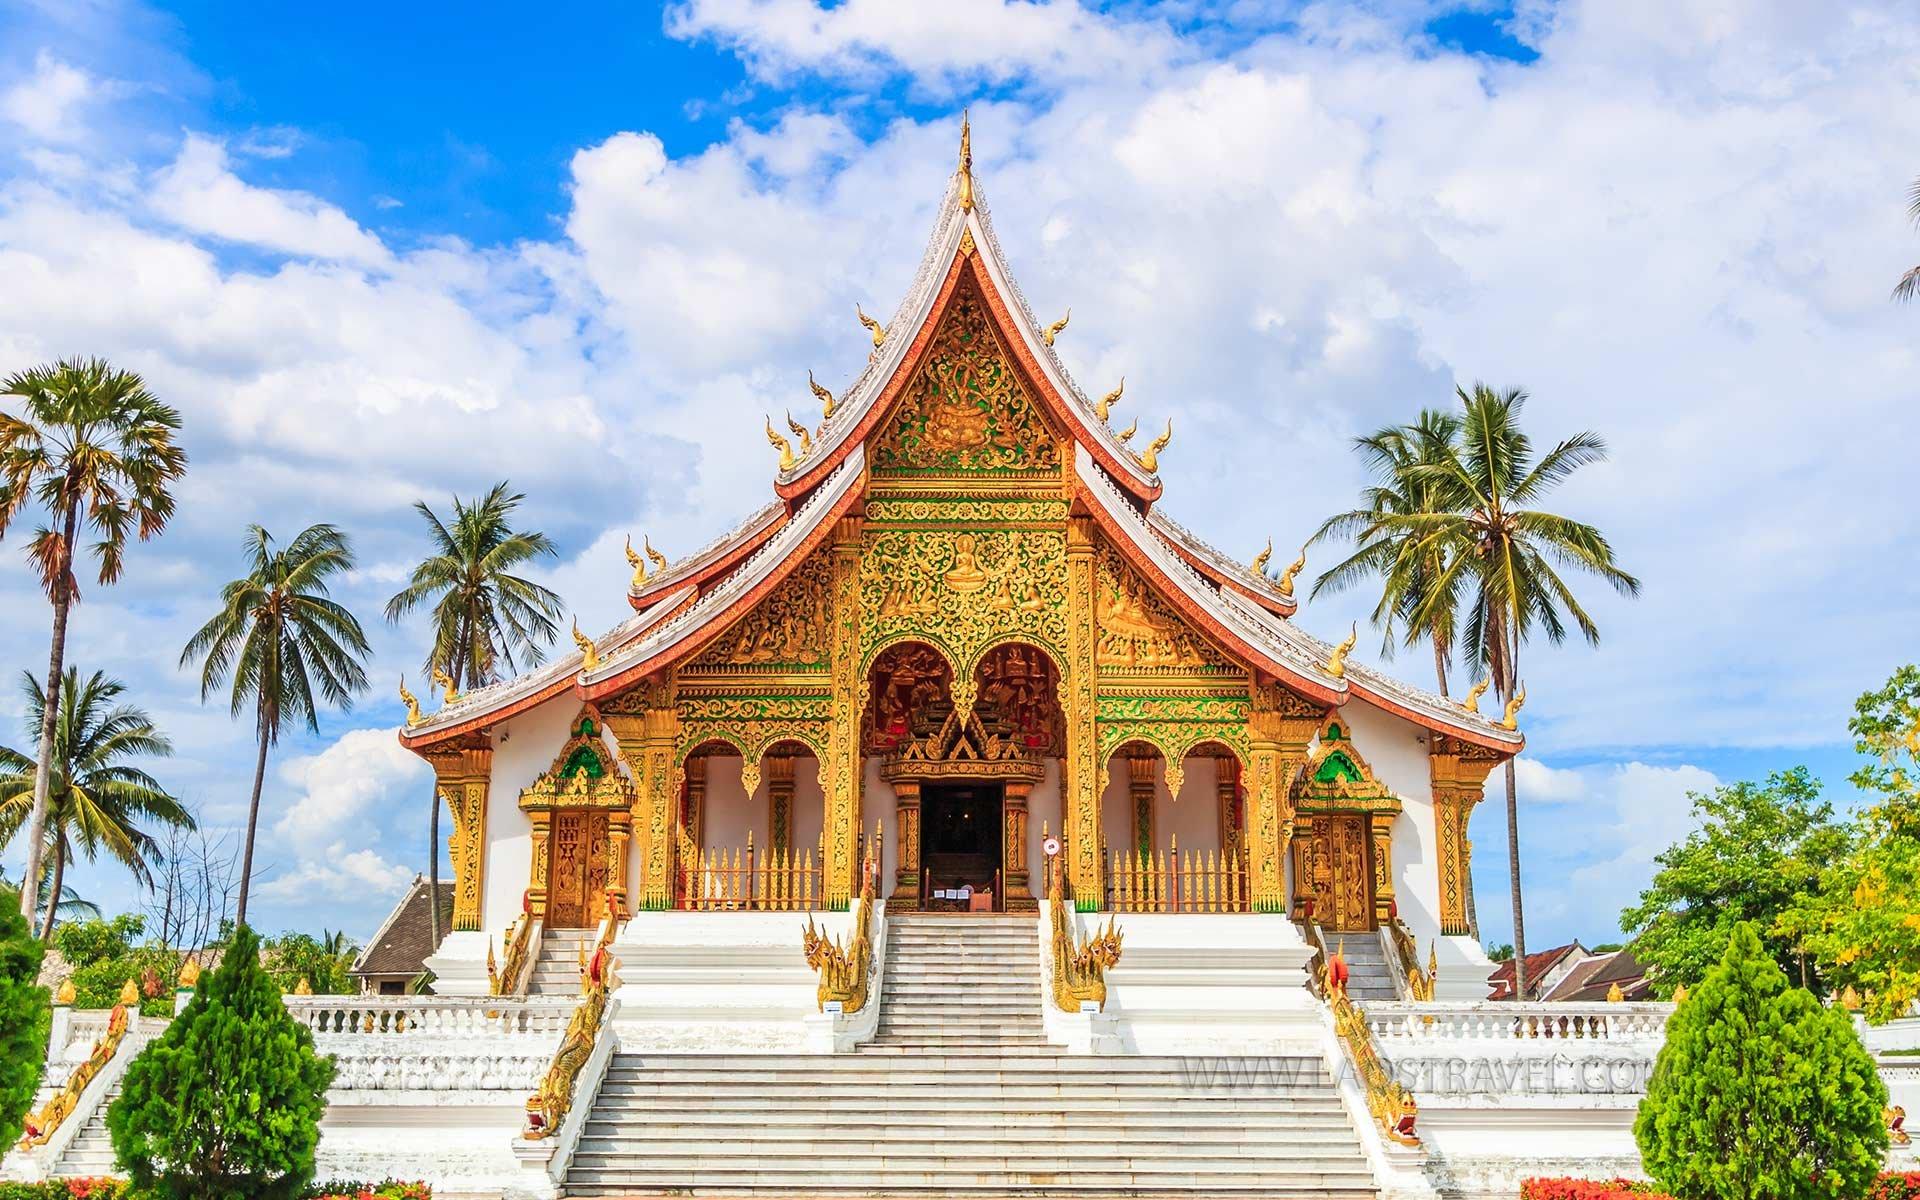 Promotion - Wonder of Luang Prabang - 4 days